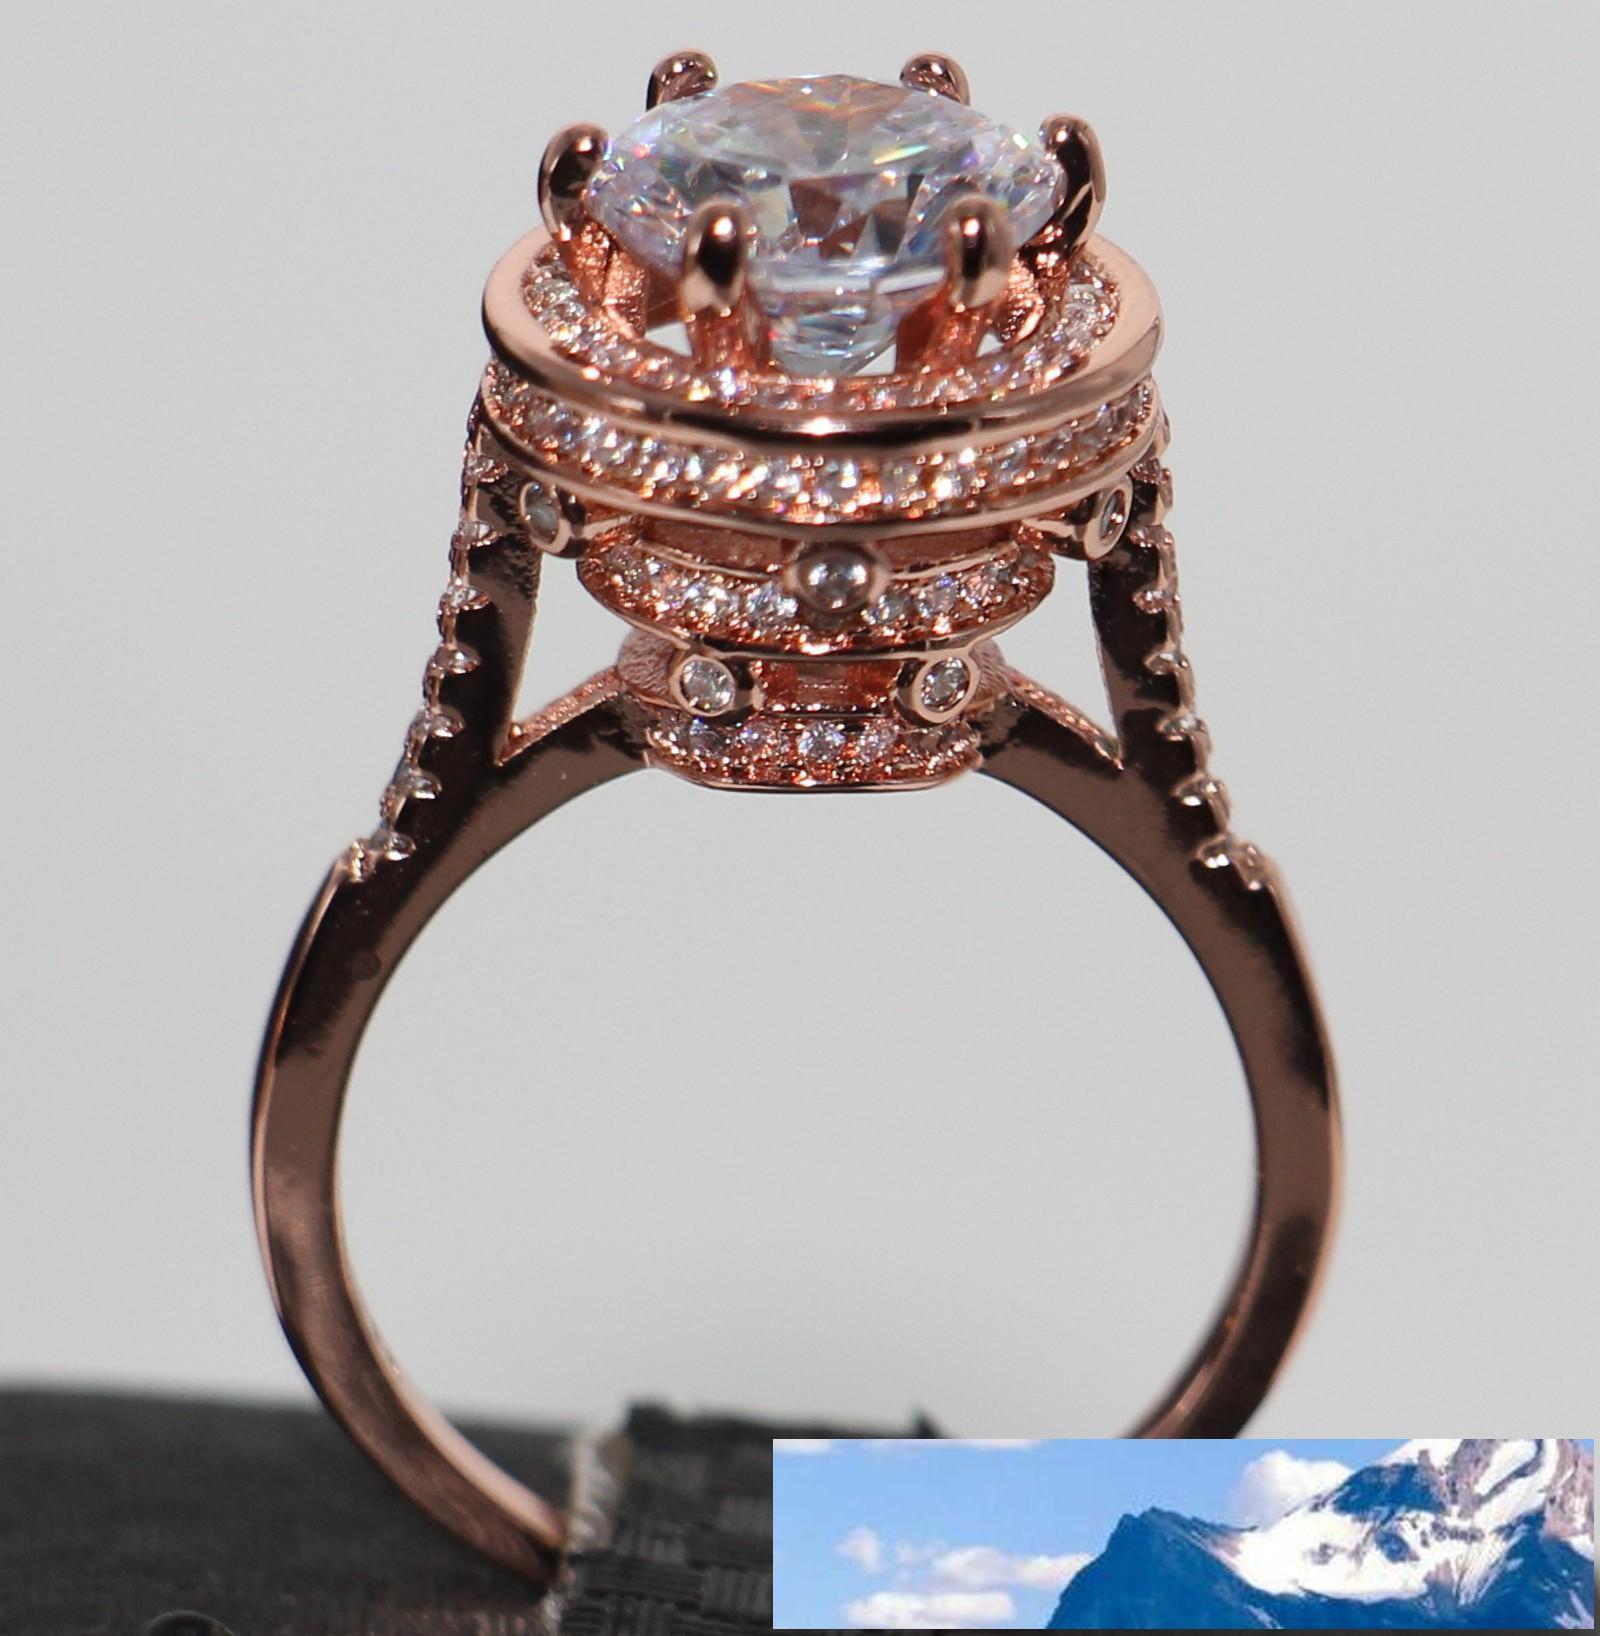 أزياء اليدوية والمجوهرات 925 فضة مطلية بالذهب حمامة بيضة توباز جولة قص الأحجار الكريمة المرأة خاتم الزفاف الفرقة